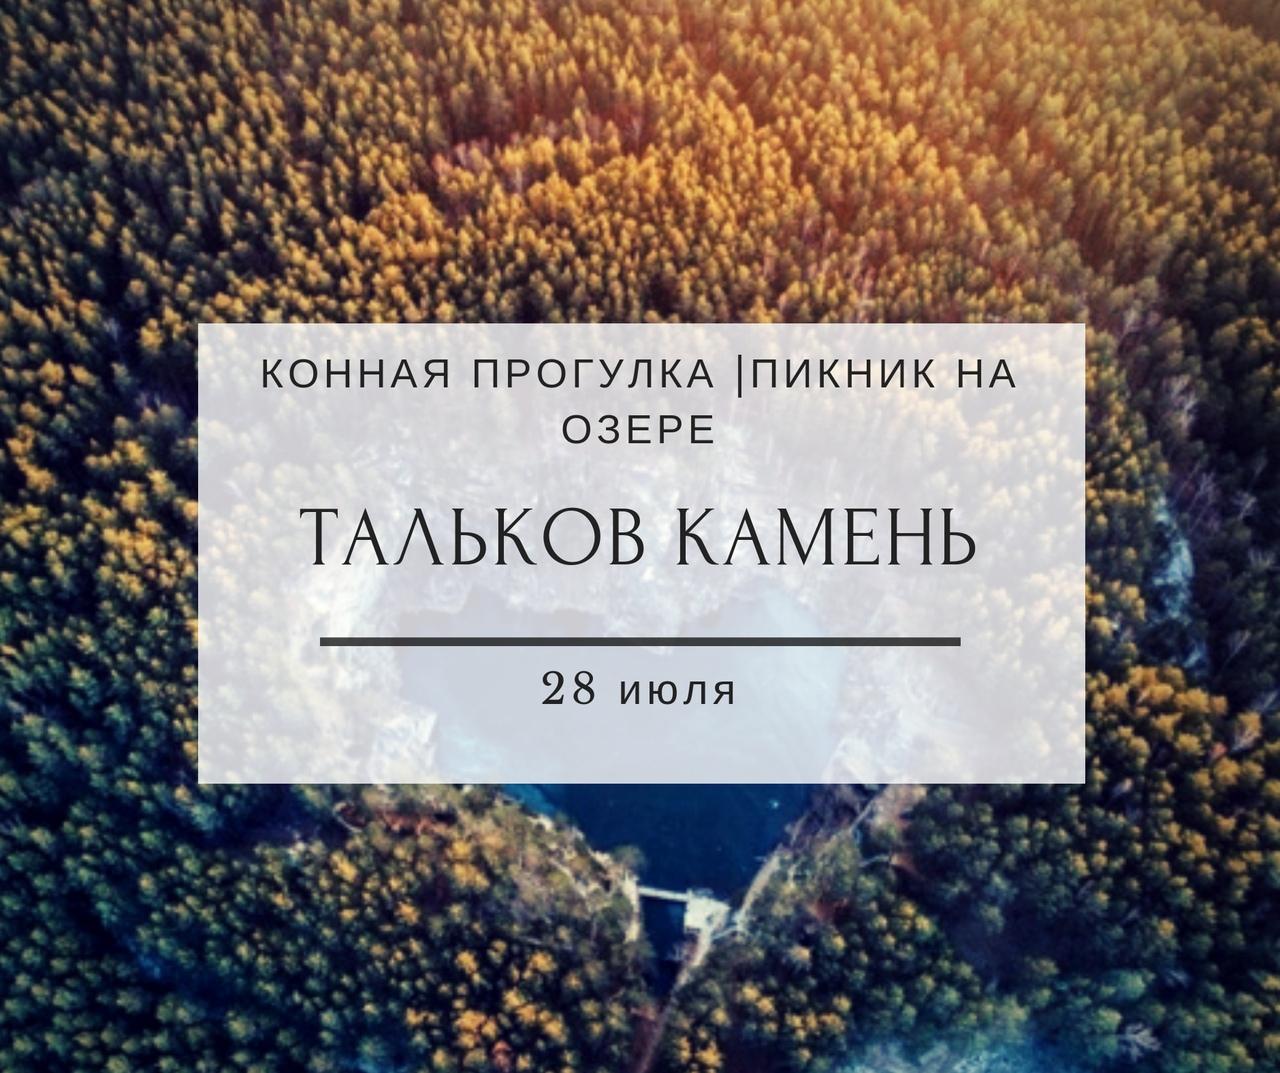 Афиша Тюмень КОННАЯ ПРОГУЛКА / ТАЛЬКОВ КАМЕНЬ / 28.07